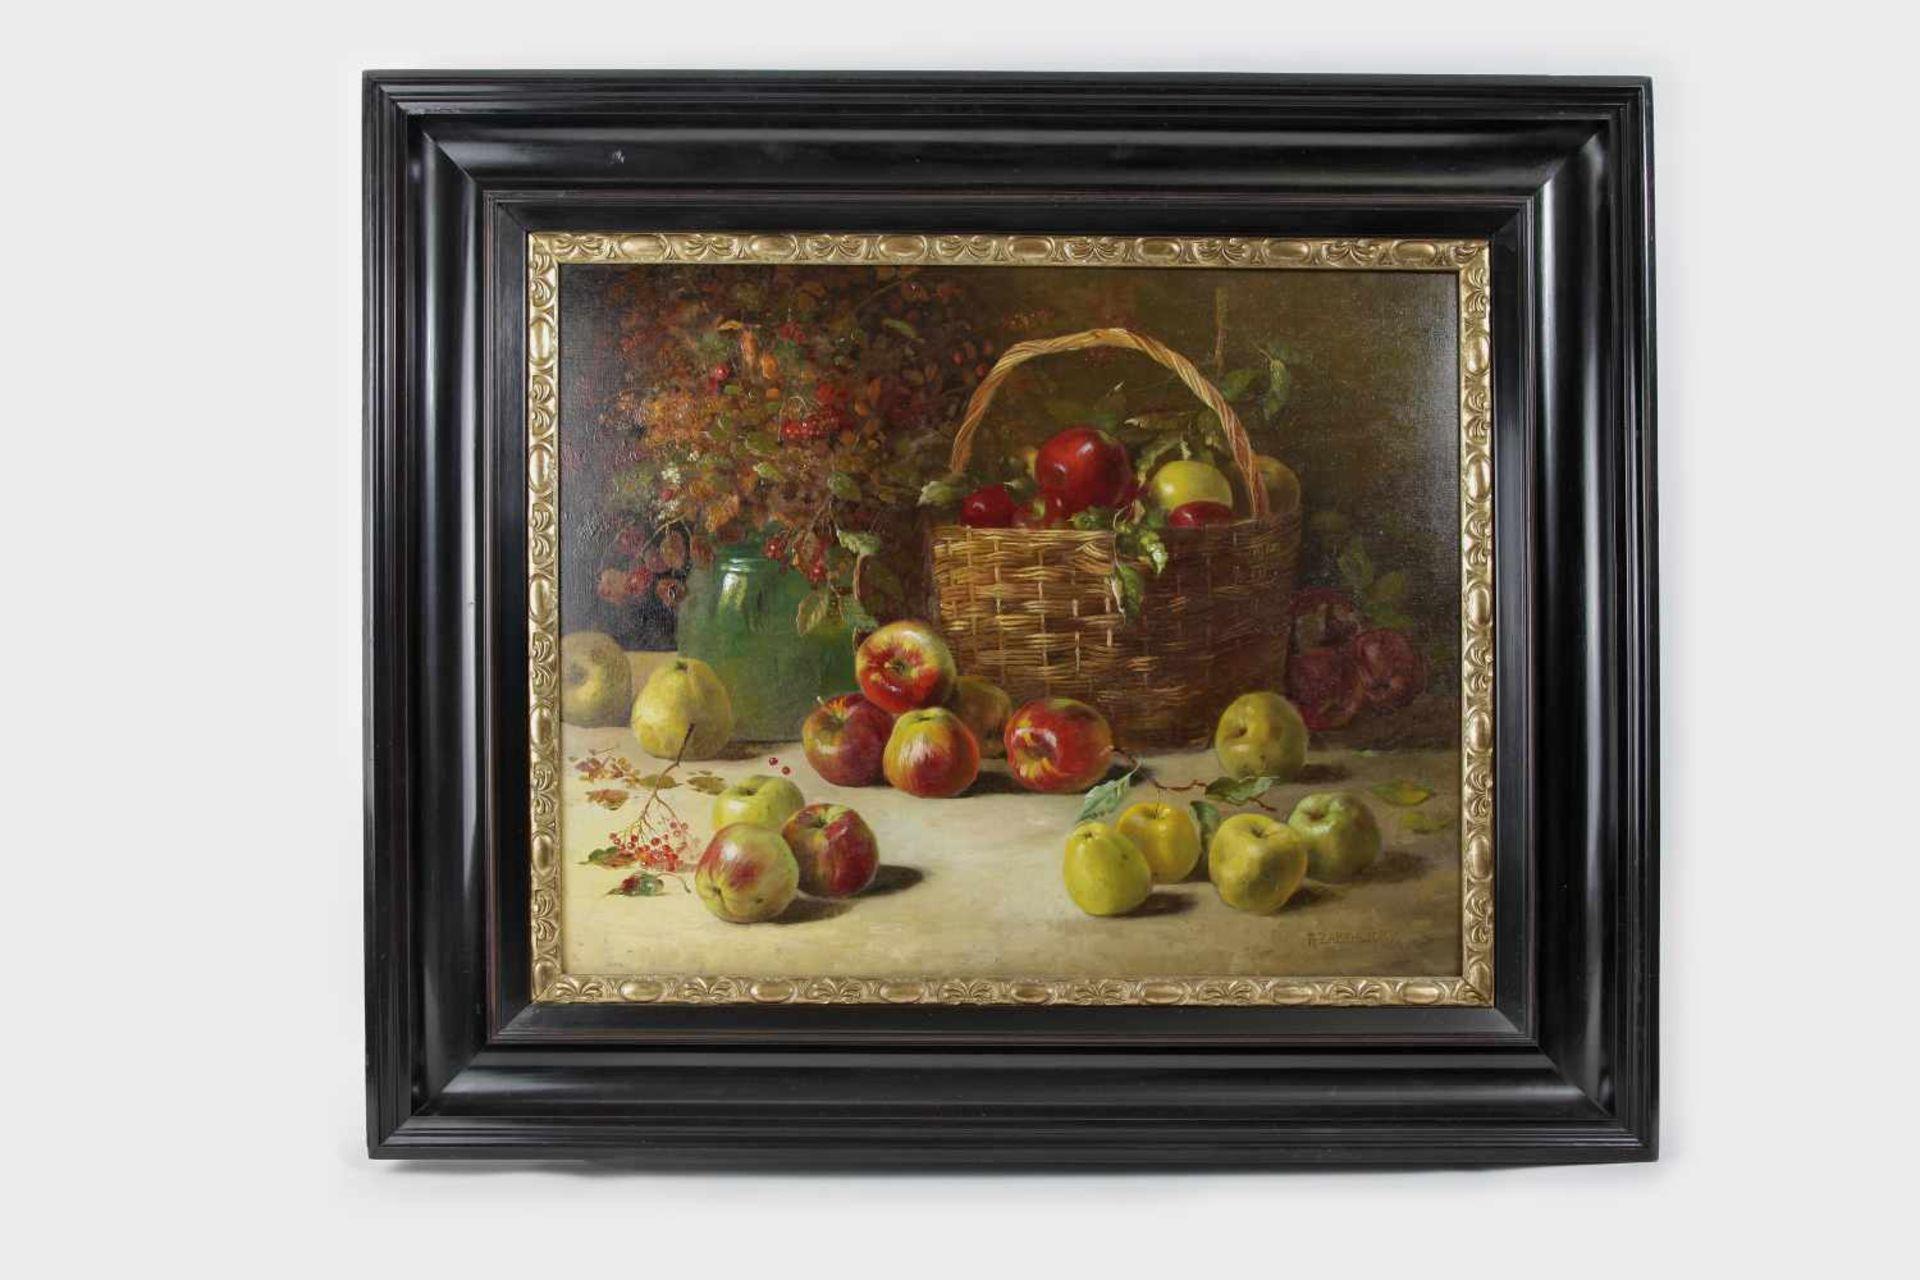 Alois Zabehlicky (Wien 1883-1962)Stillleben mit Früchten und Wiesenblumen, signiert A.Zabehlicky, Öl - Bild 2 aus 2